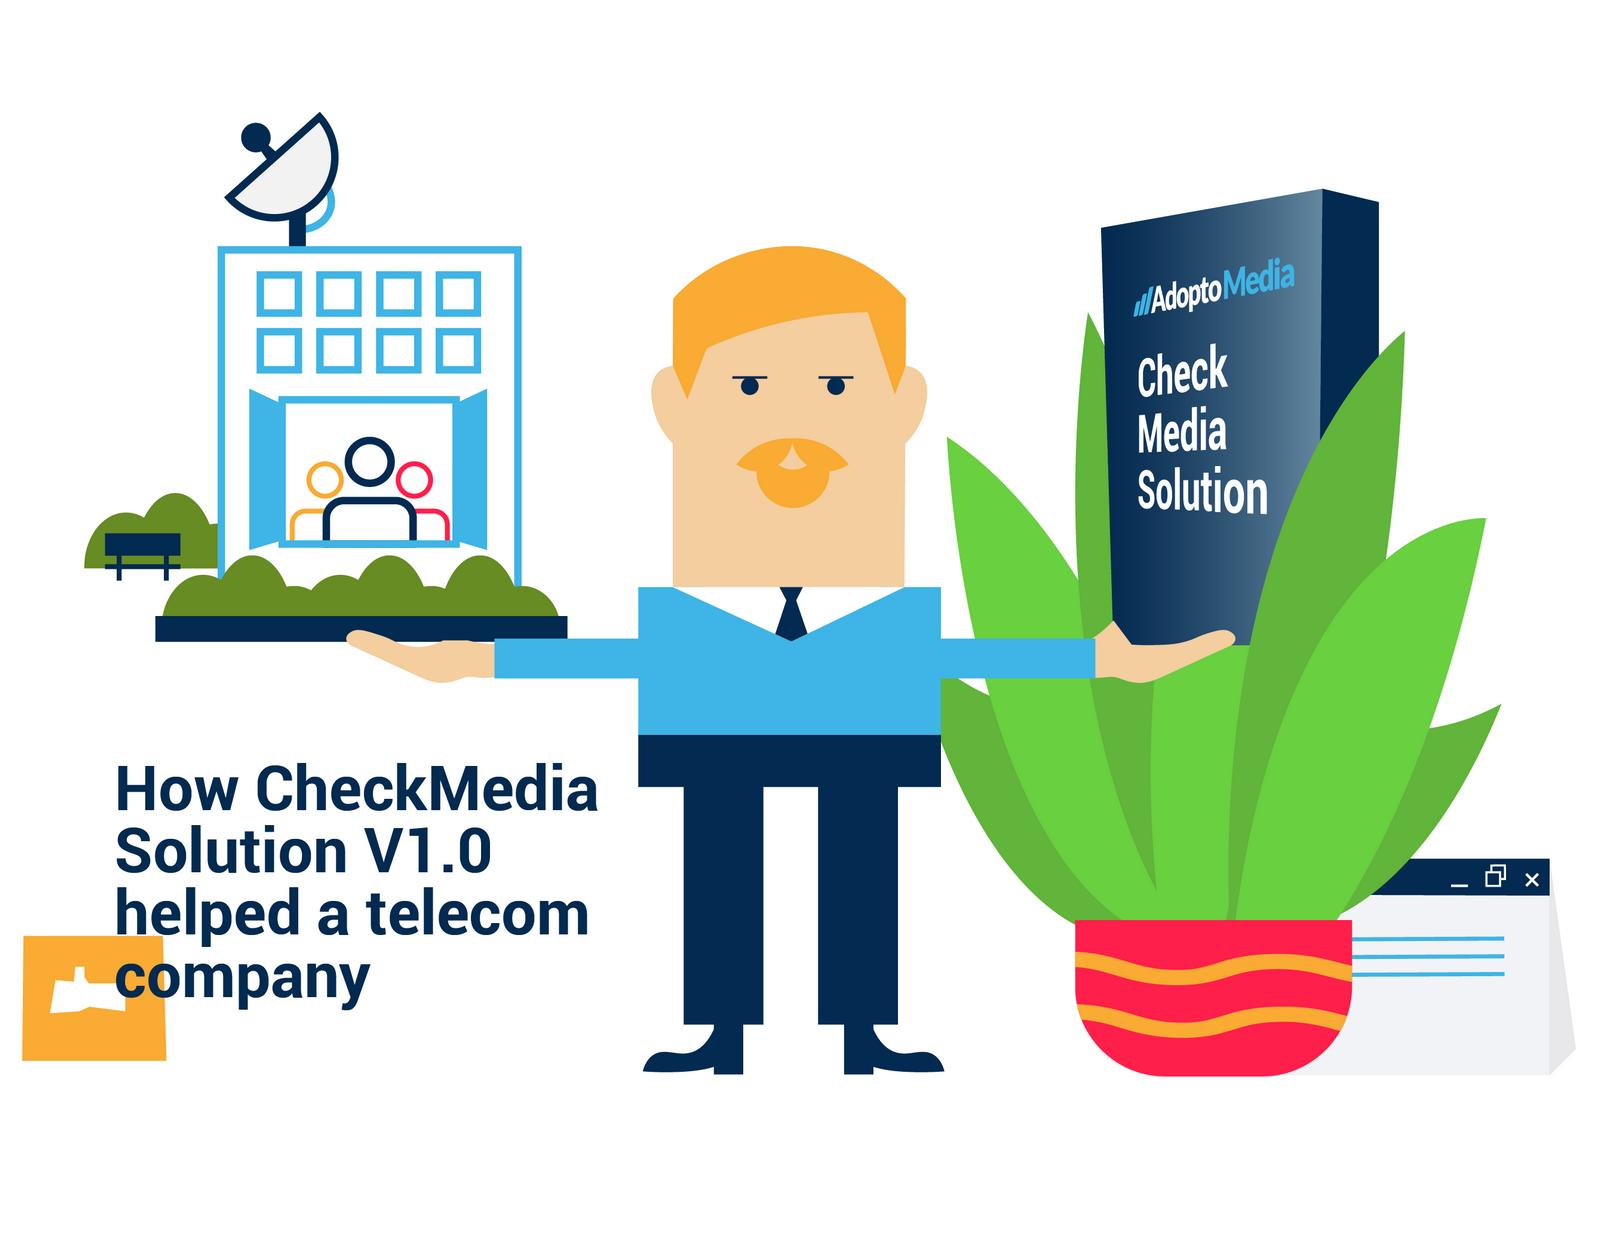 Telecom Company, AdoptoMedia, CheckMedia Solution, Media Plan Manager, Marketing Resource Management